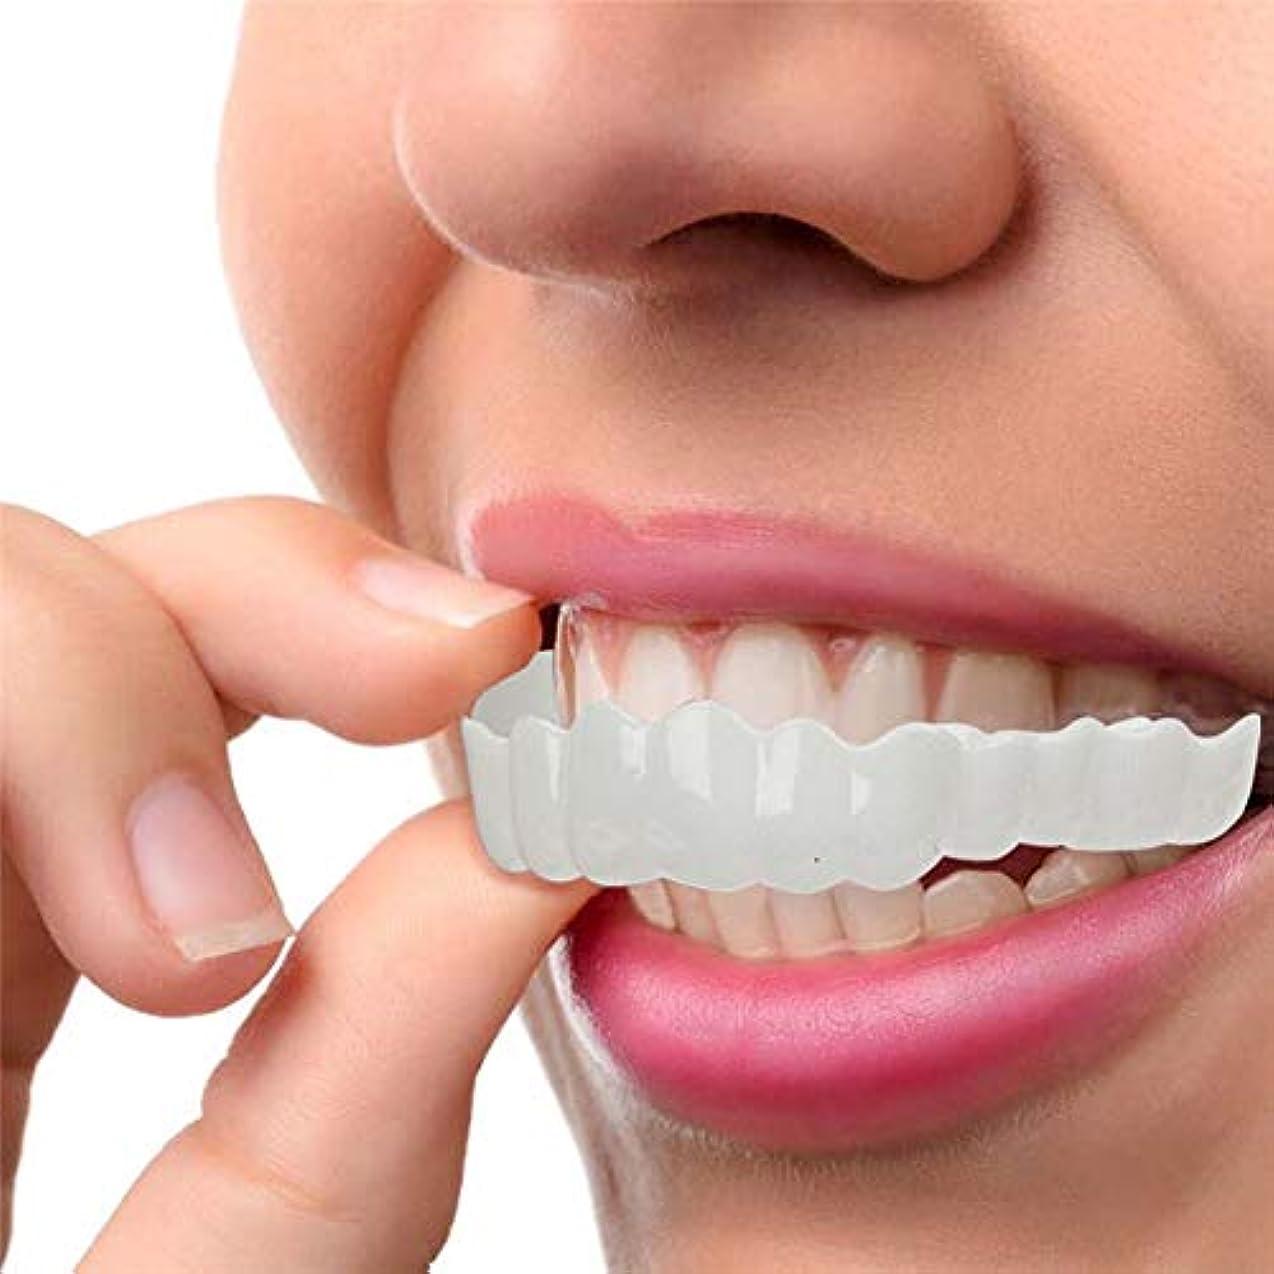 虚弱エロチック実施する化粧品の歯、白い歯をきれいにするコンフォートフィットフレックス歯ソケット、超快適、快適なフィット感、3セット